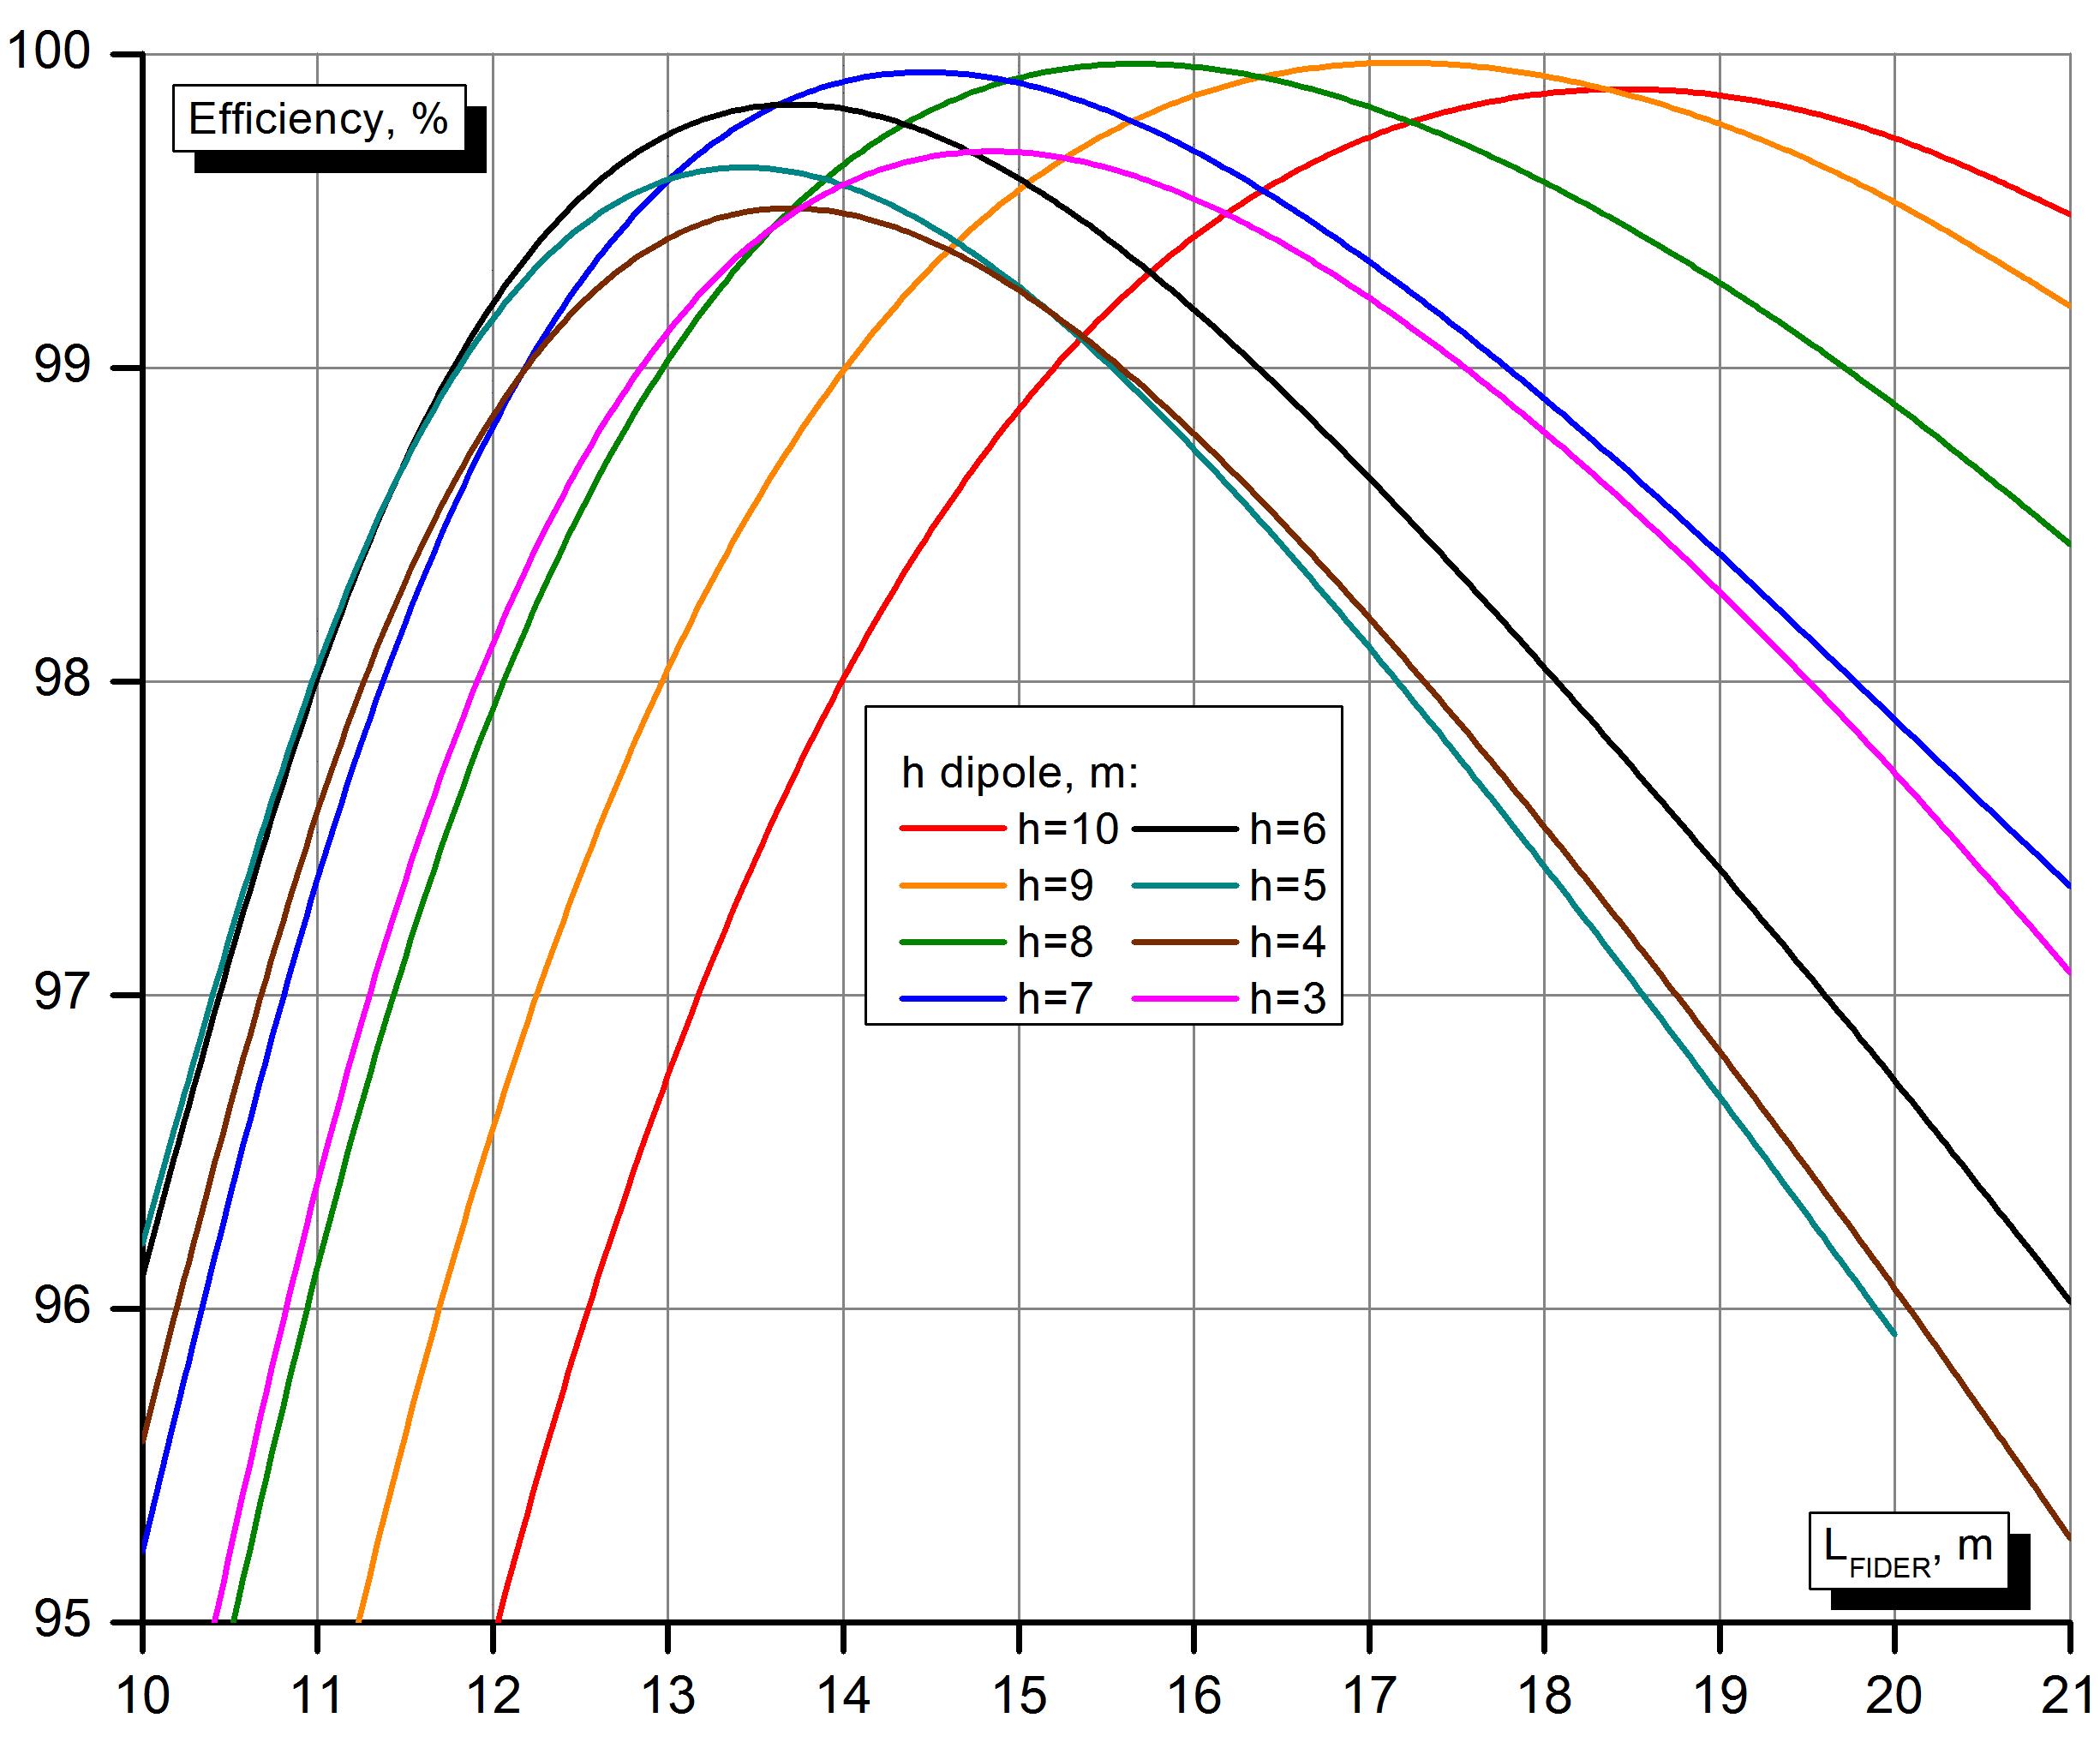 КПД EndFed диполя с разной длиной плеч, подвешенного на разной высоте.